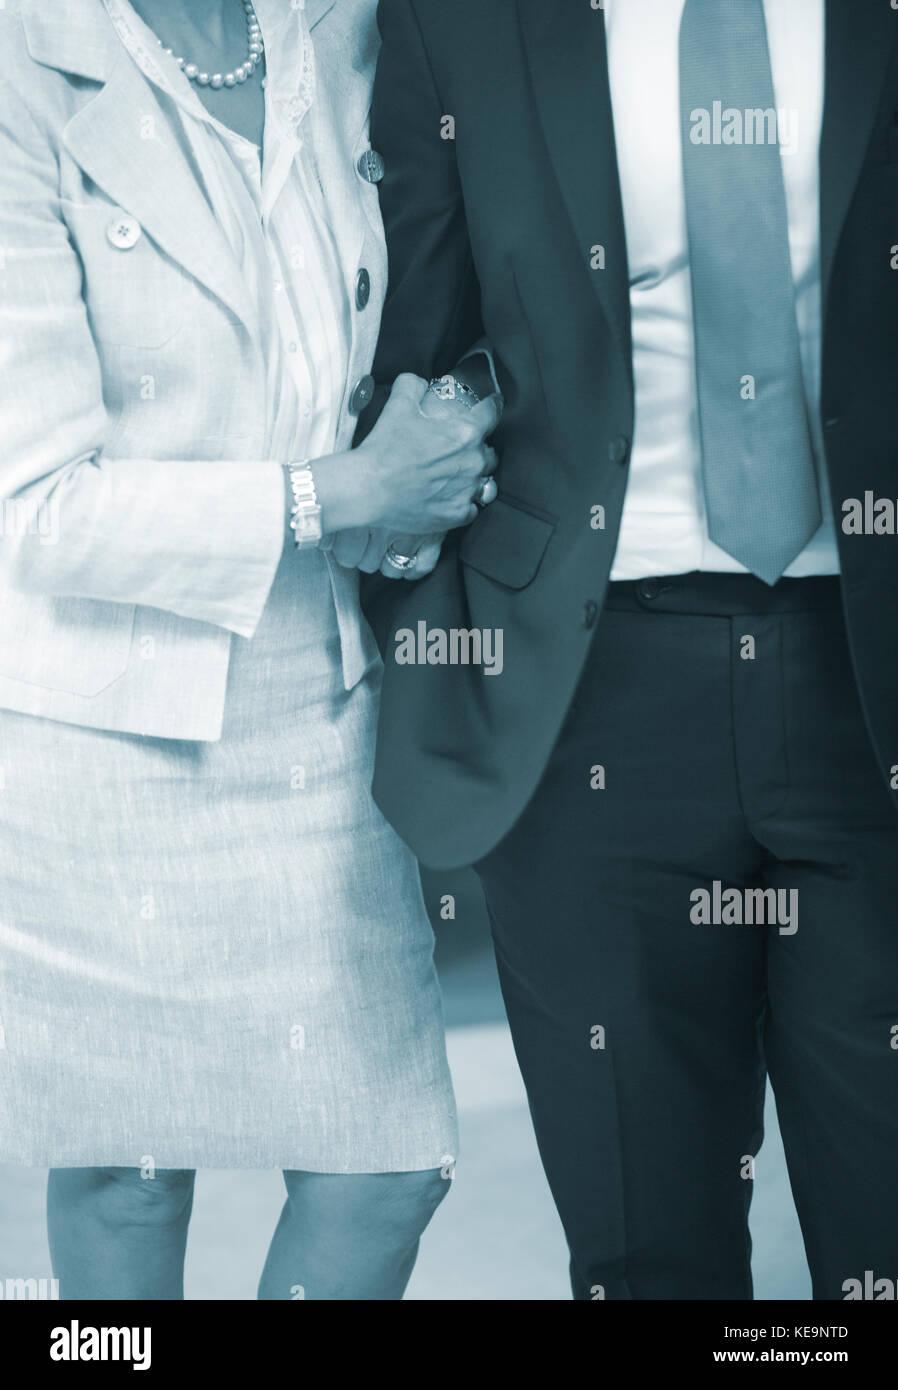 Linen Suits Stock Photos & Linen Suits Stock Images - Alamy